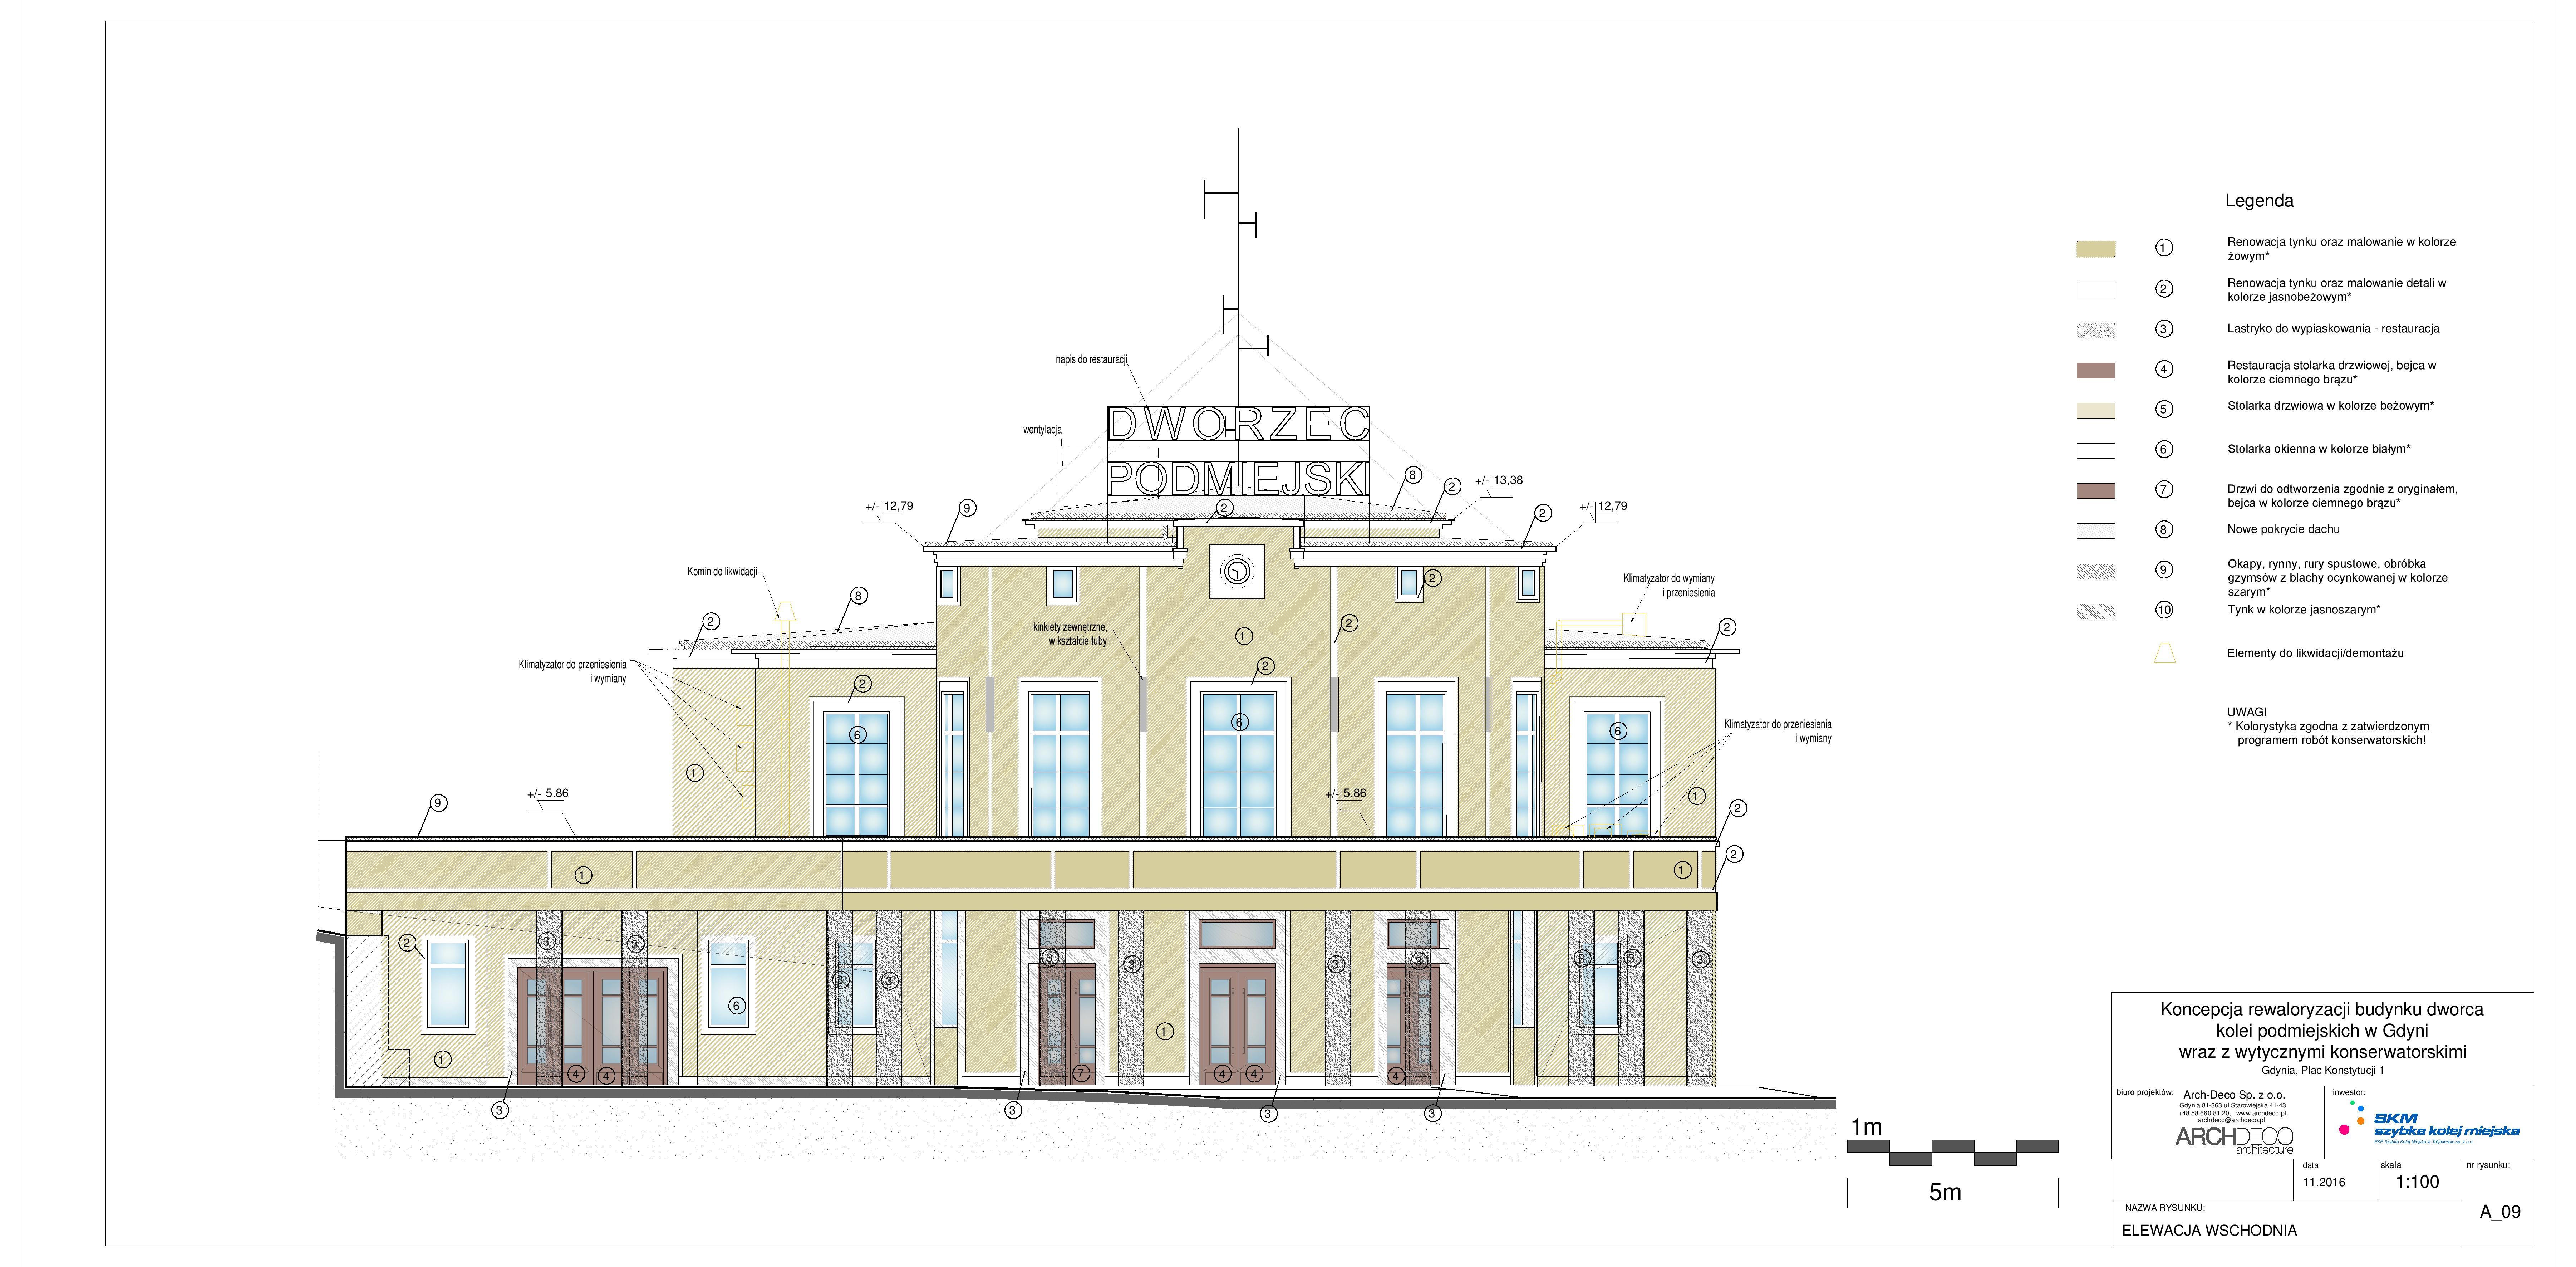 Dokumentacja przetargowa - wizualizacja wschodniej elewacji budynku, mat. PKP SKM